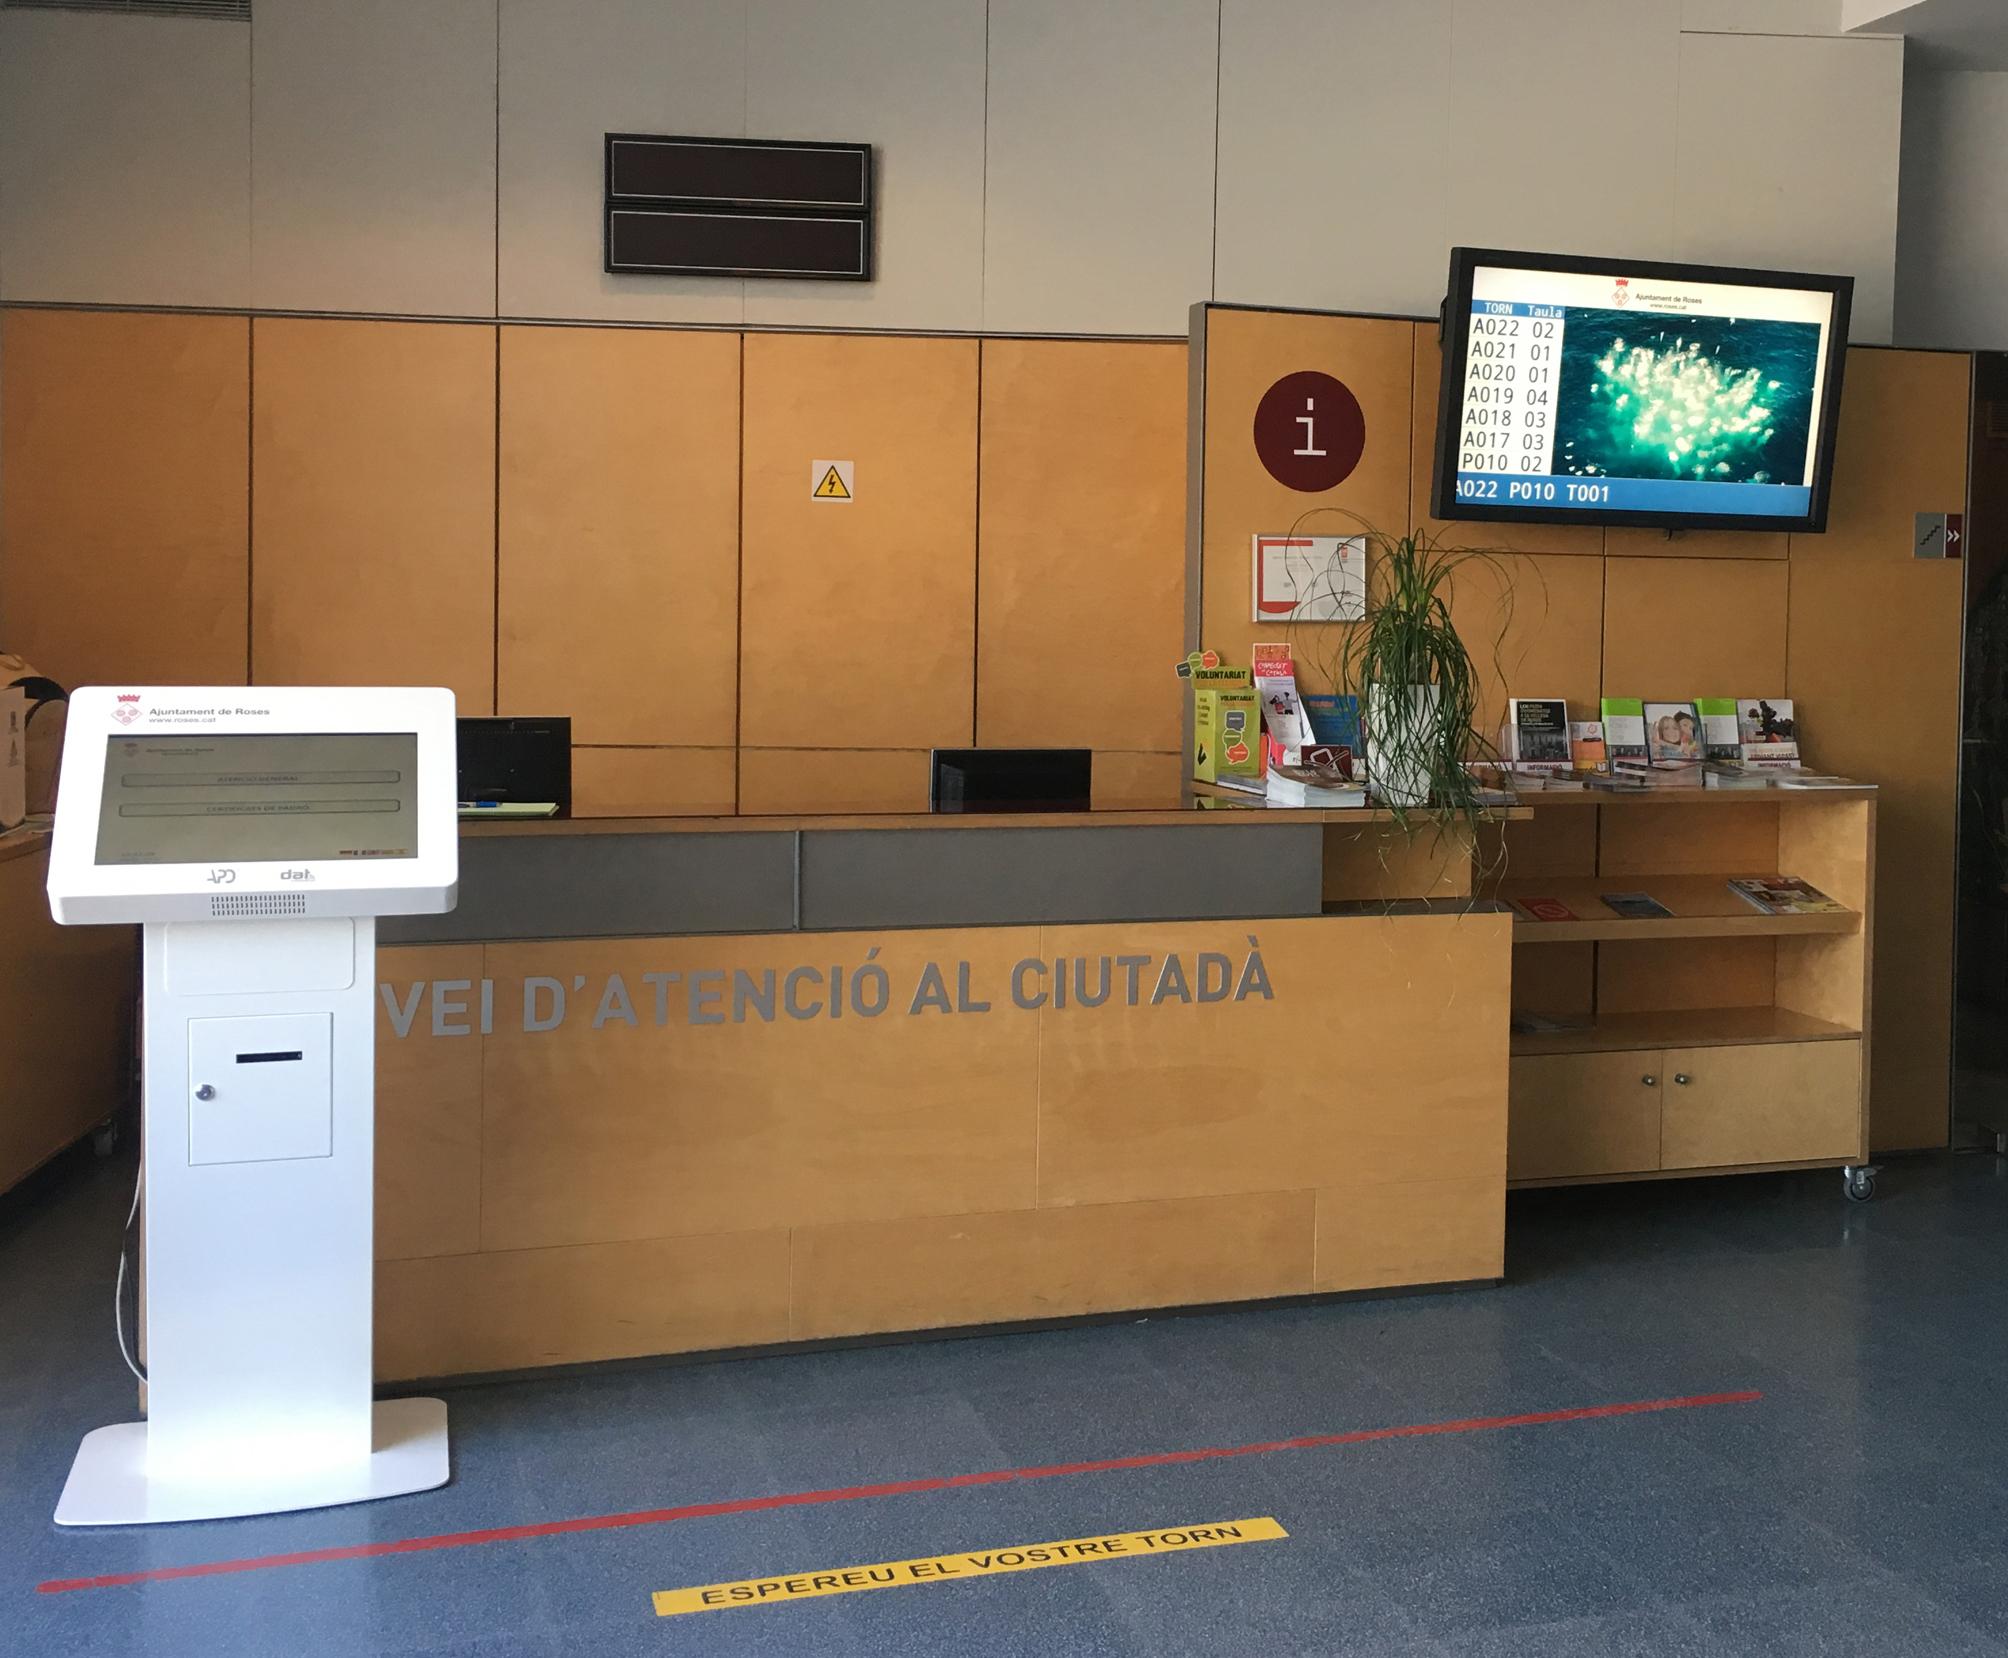 El Servei d'Atenció al Ciutadà de l'Ajuntament incorpora un gestor de cues per agilitzar les consultes